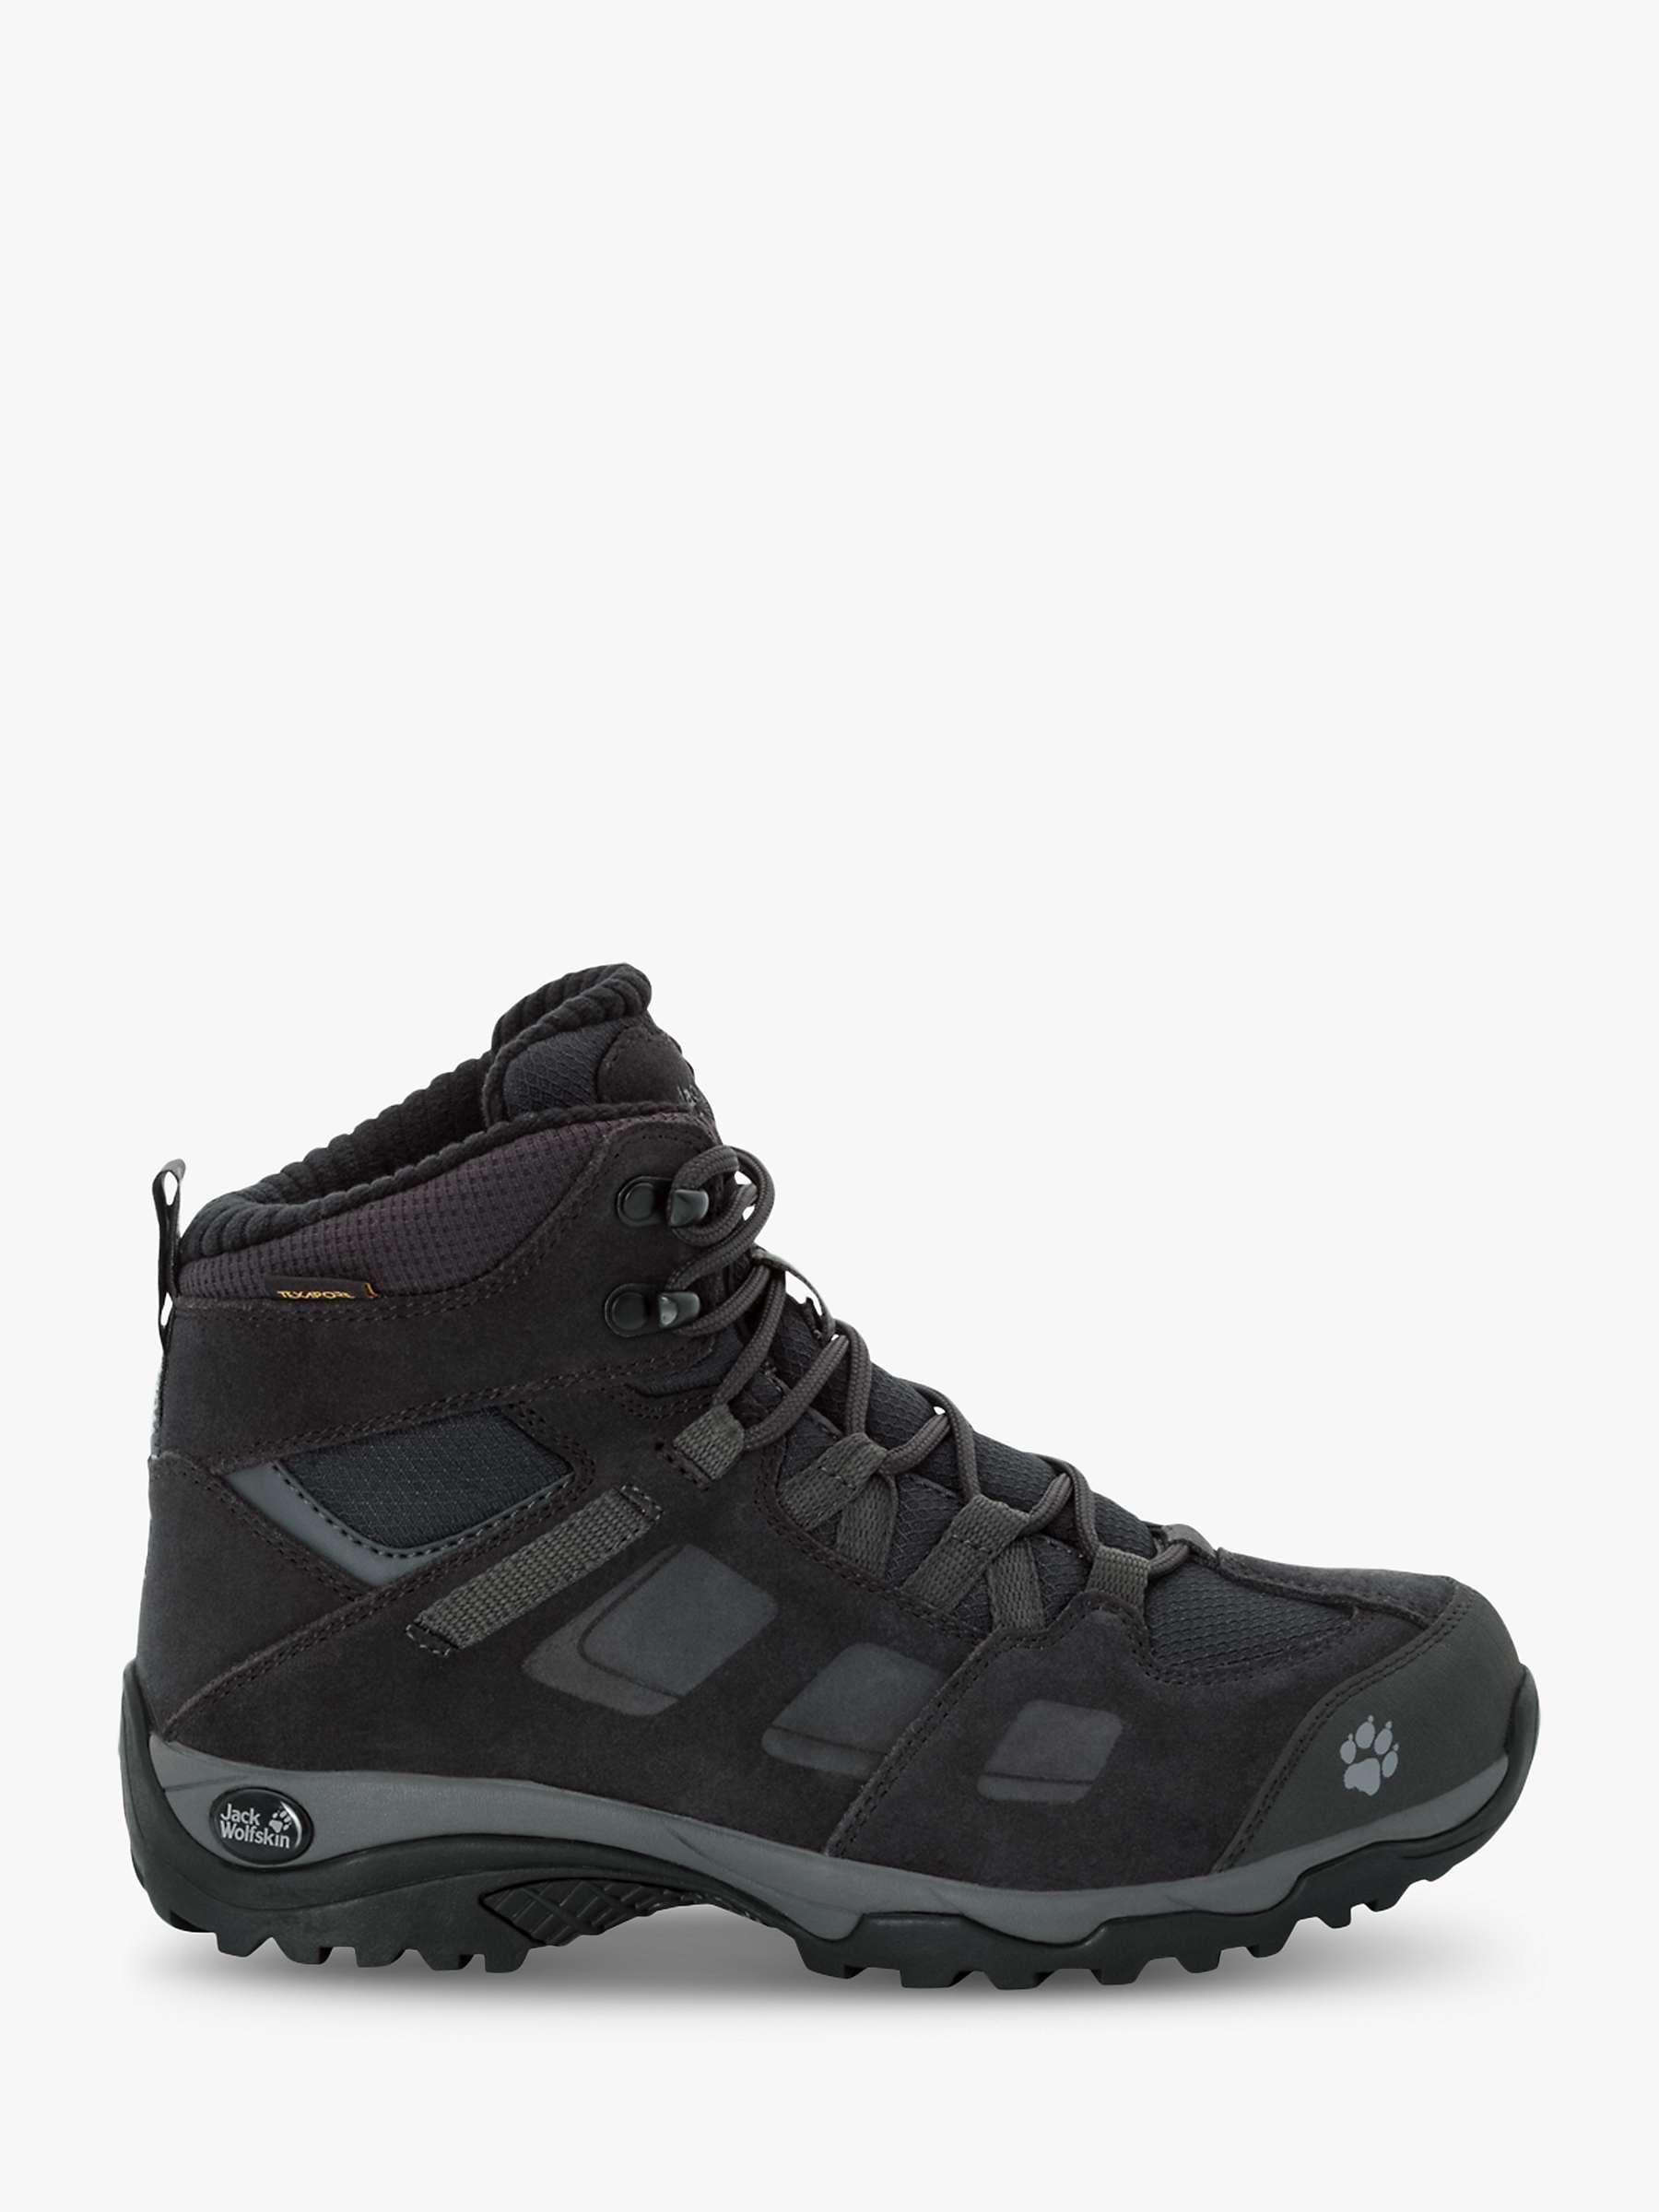 Los Angeles najwyższa jakość Zjednoczone Królestwo Jack Wolfskin Vojo Hike 2 Texapore WT Women's Walking Boots, Phantom/Dark  Steel